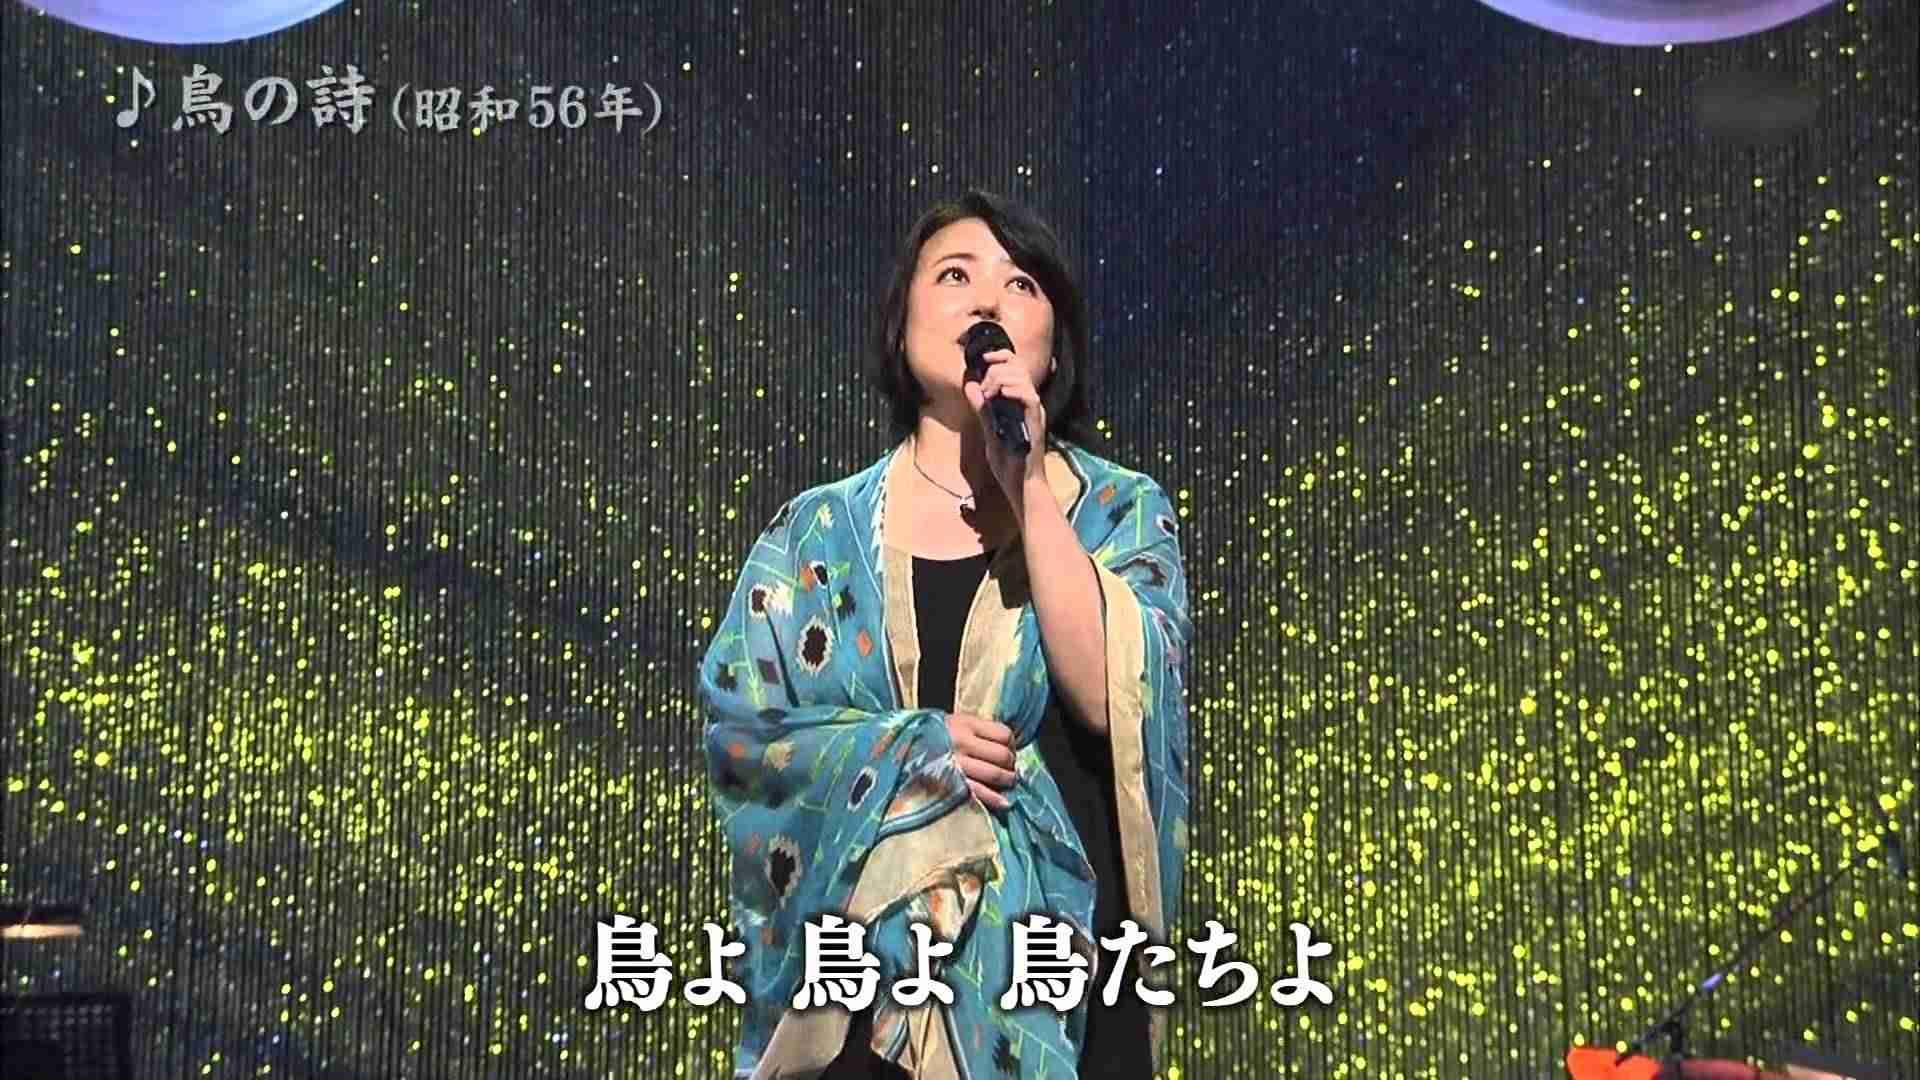 杉田かおる 鳥の詩  (2015年9月) - YouTube